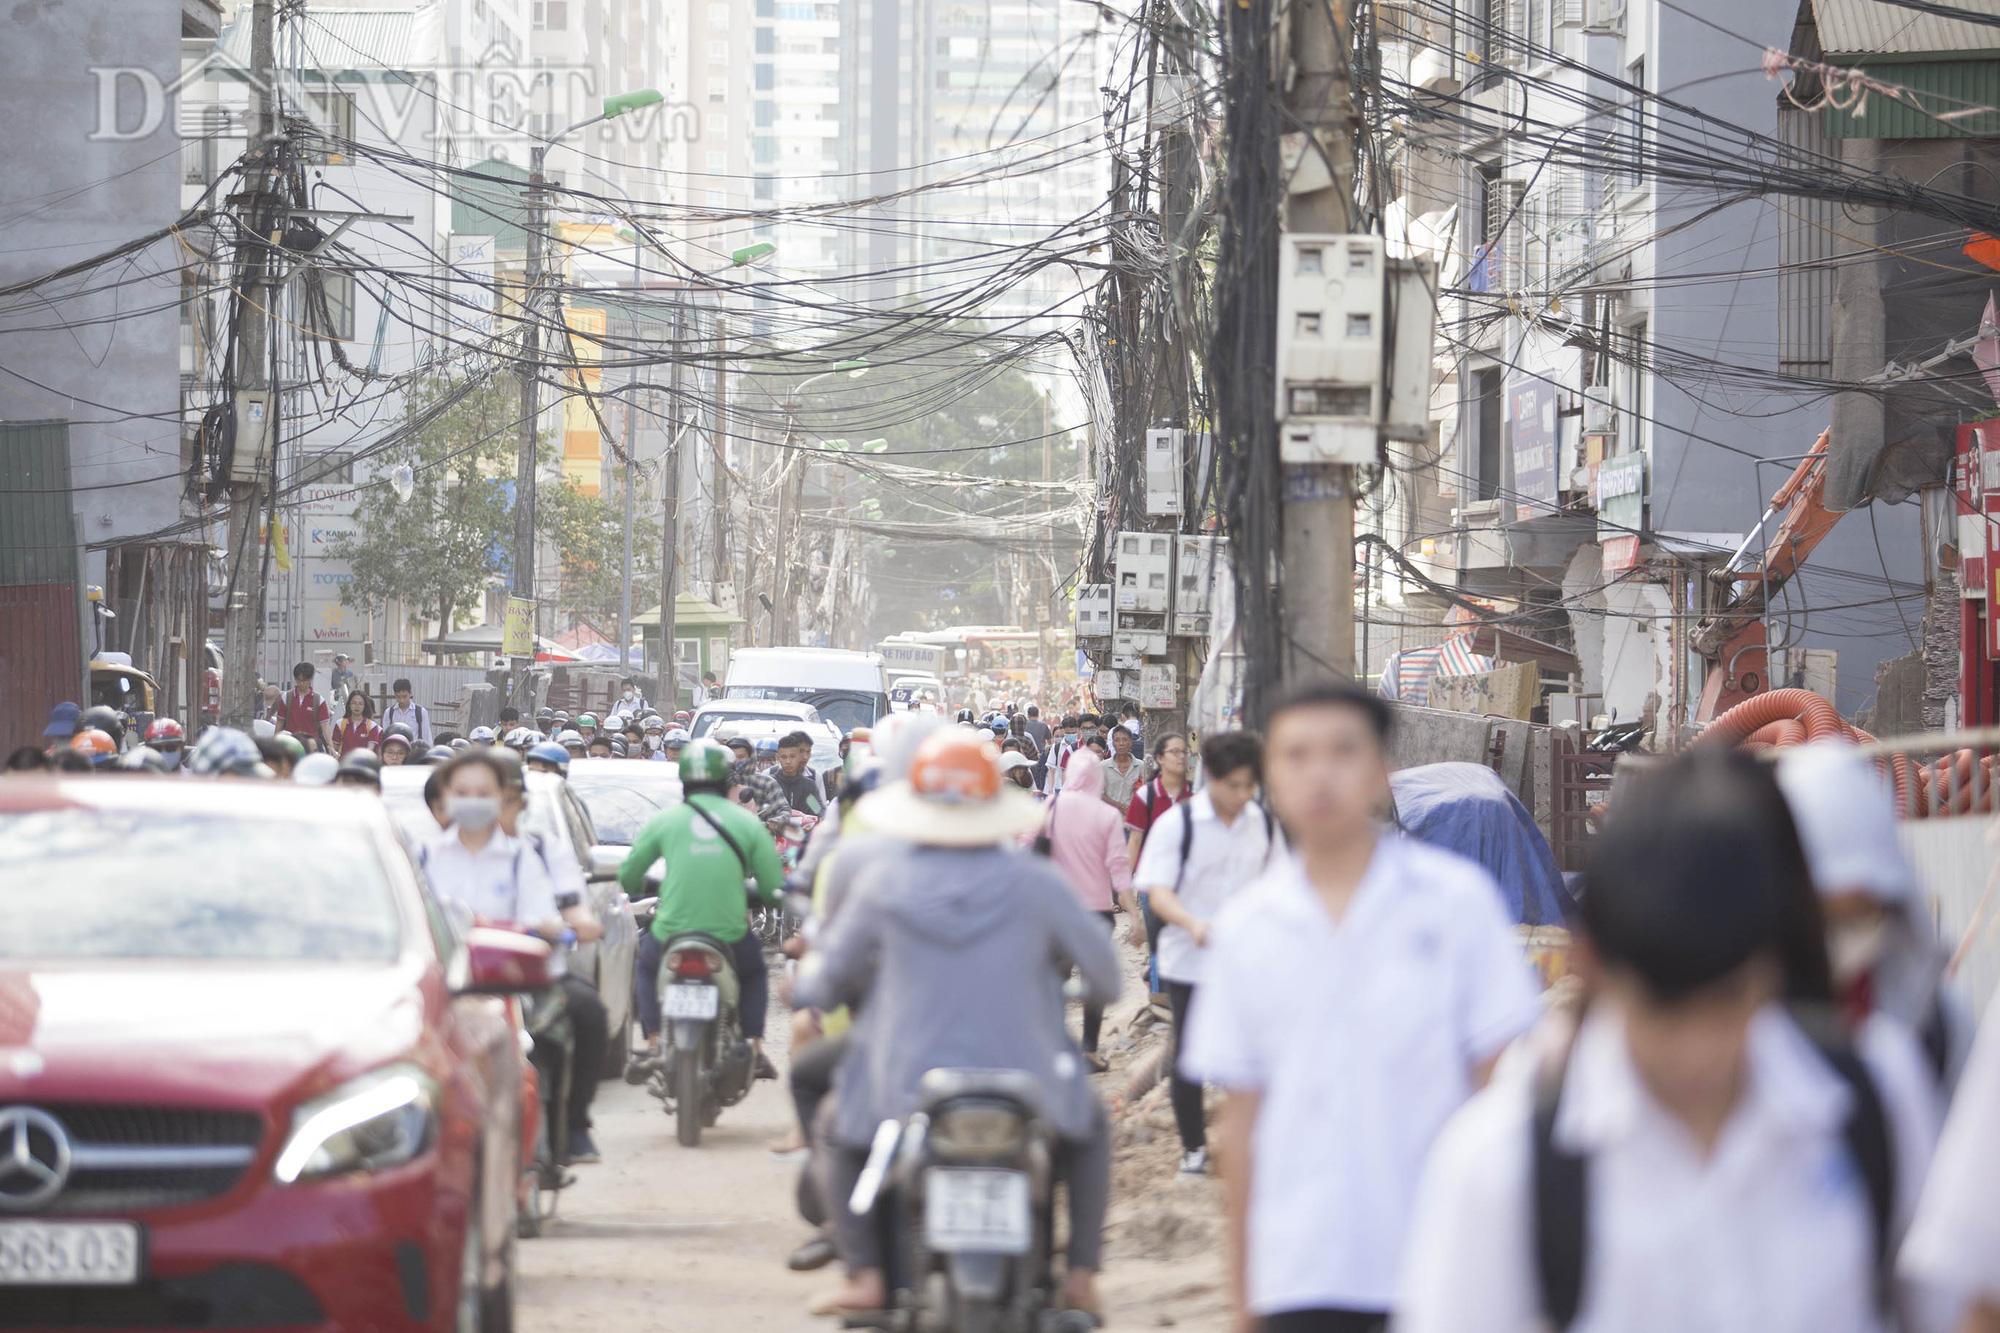 Hiện tại đang trong quá trình thi công nên tình trạng ùn tắc, khói bụi do giao thông qua lại thường xuyên diễn ra khiến cho việc đi lại và cuộc sống người dân quanh khu vực này hết sức vất vả.